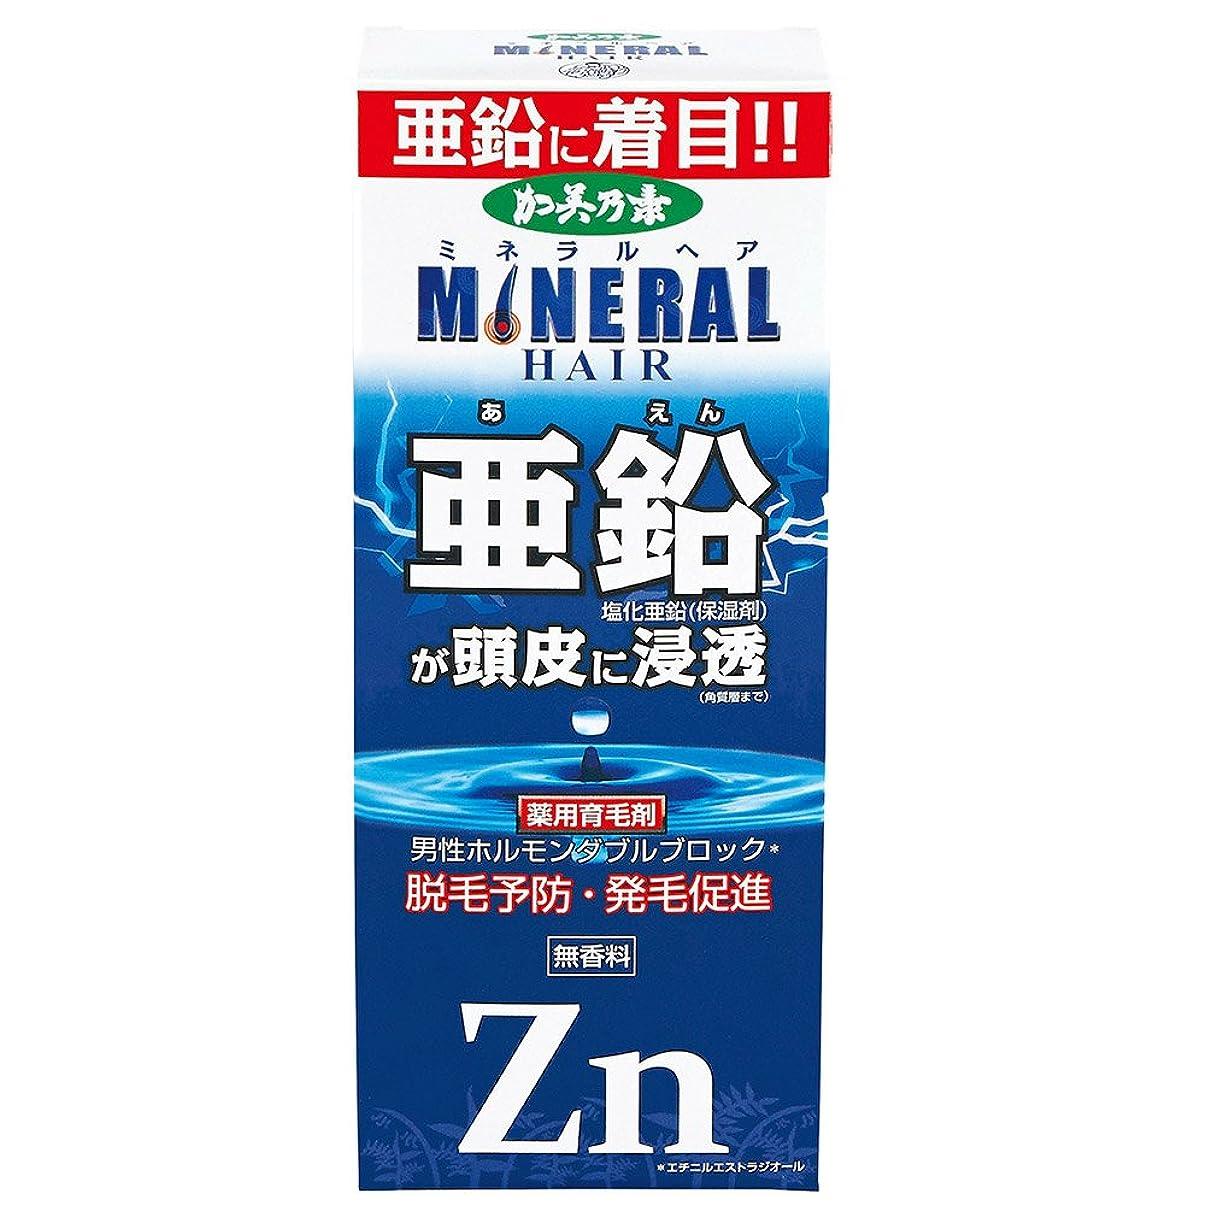 師匠ましい天才薬用加美乃素 ミネラルヘア 育毛剤 180mL (医薬部外品)